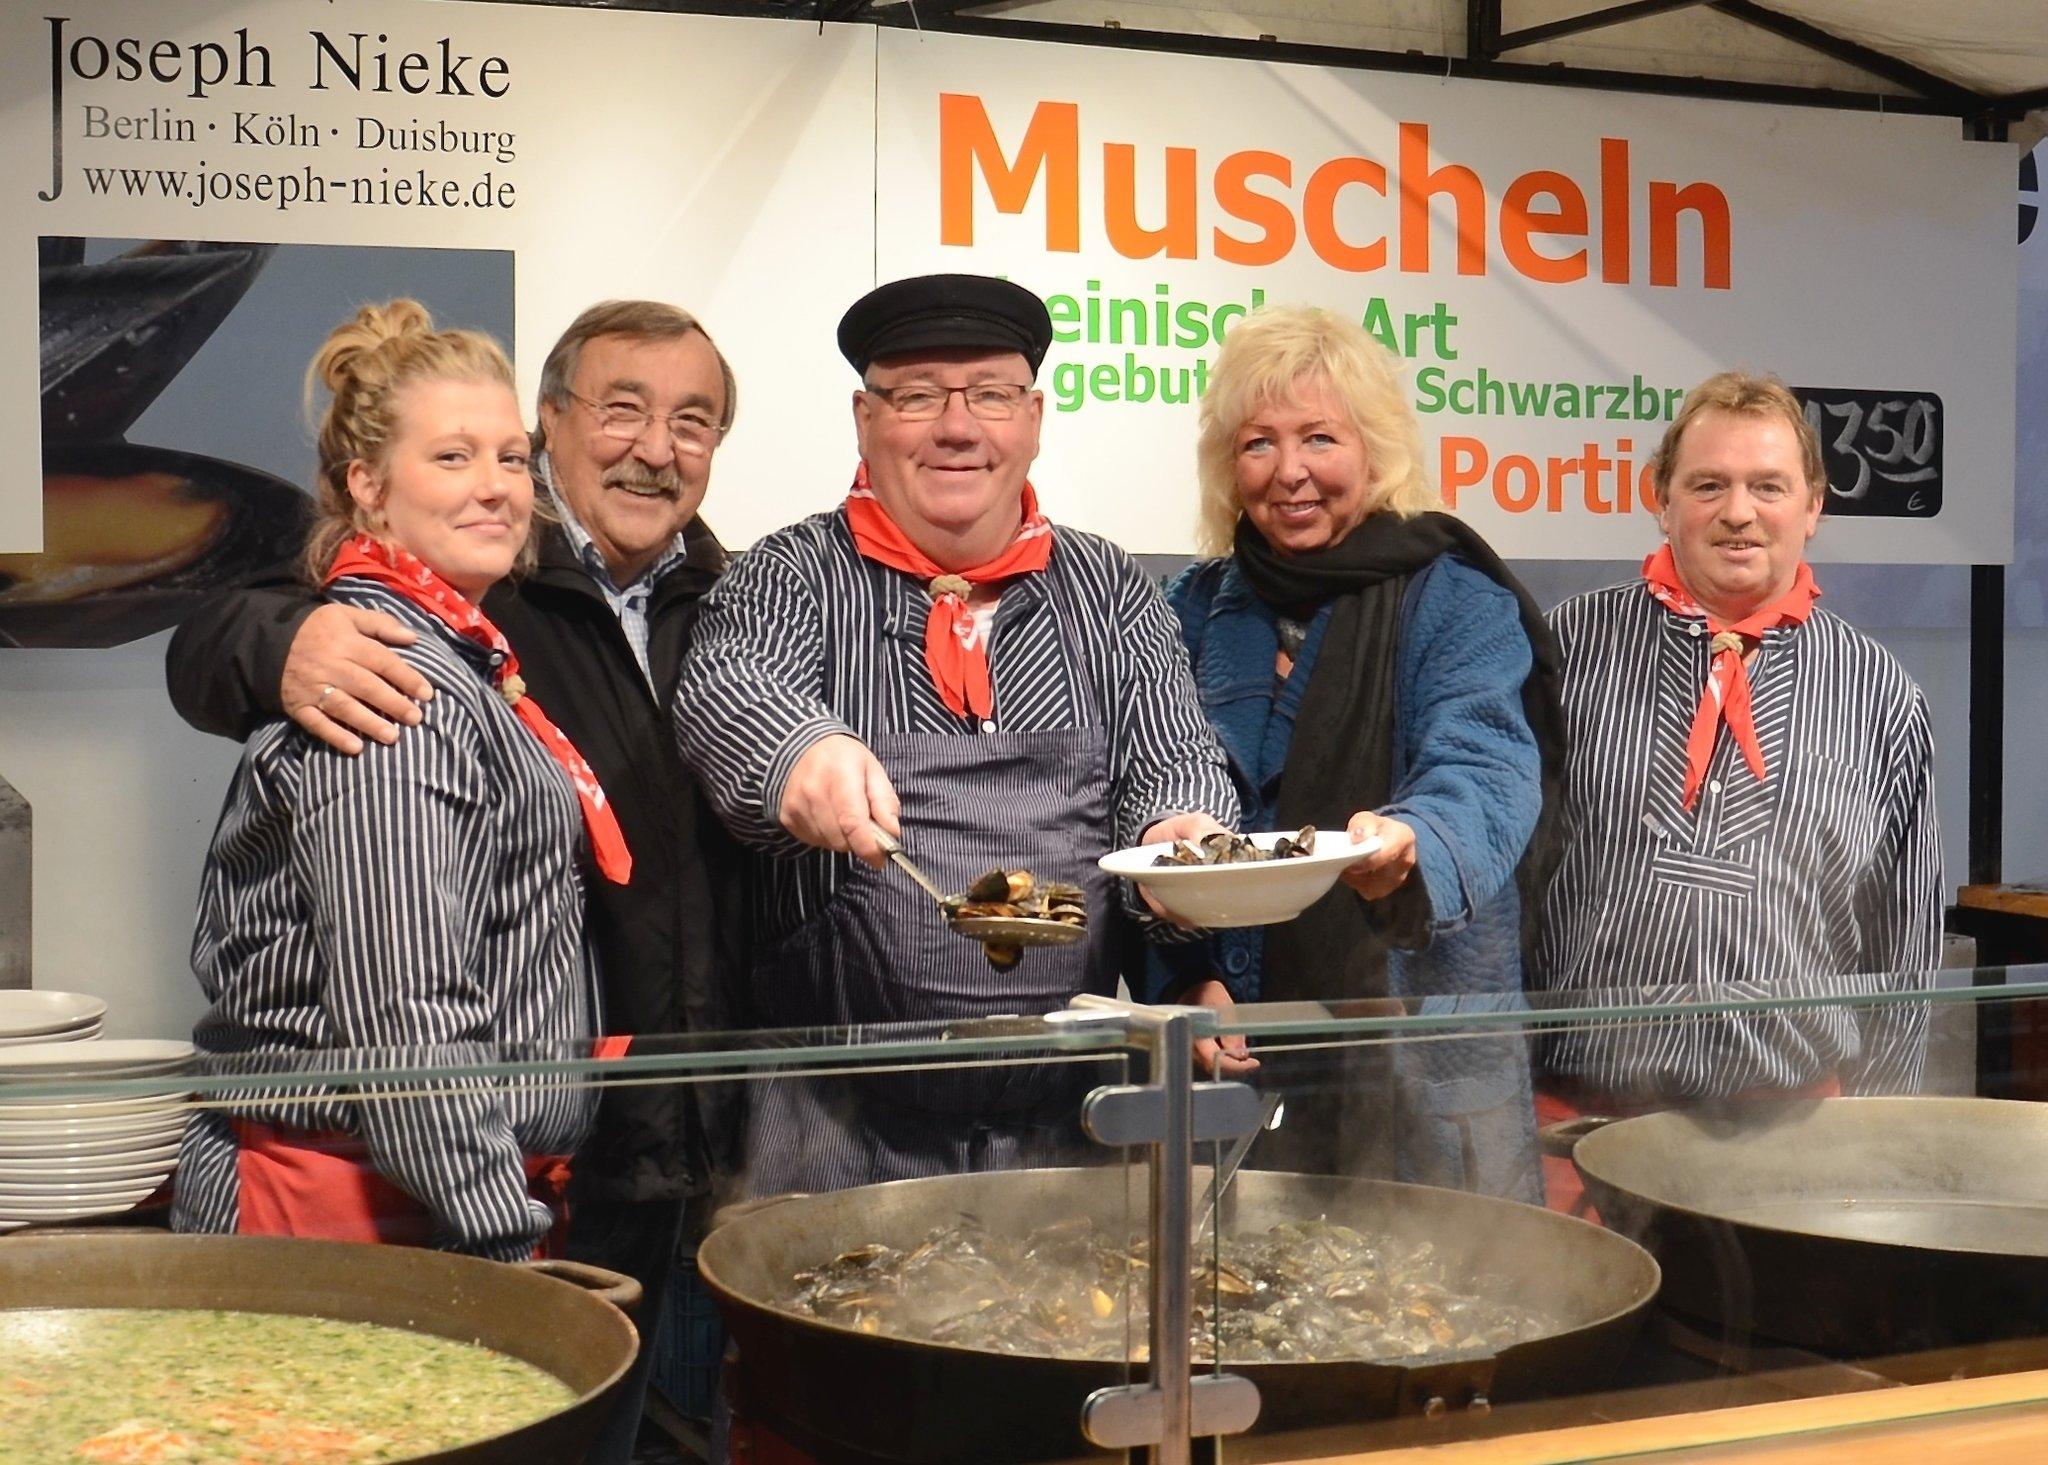 Muschel Und Backfischfest Duisburg